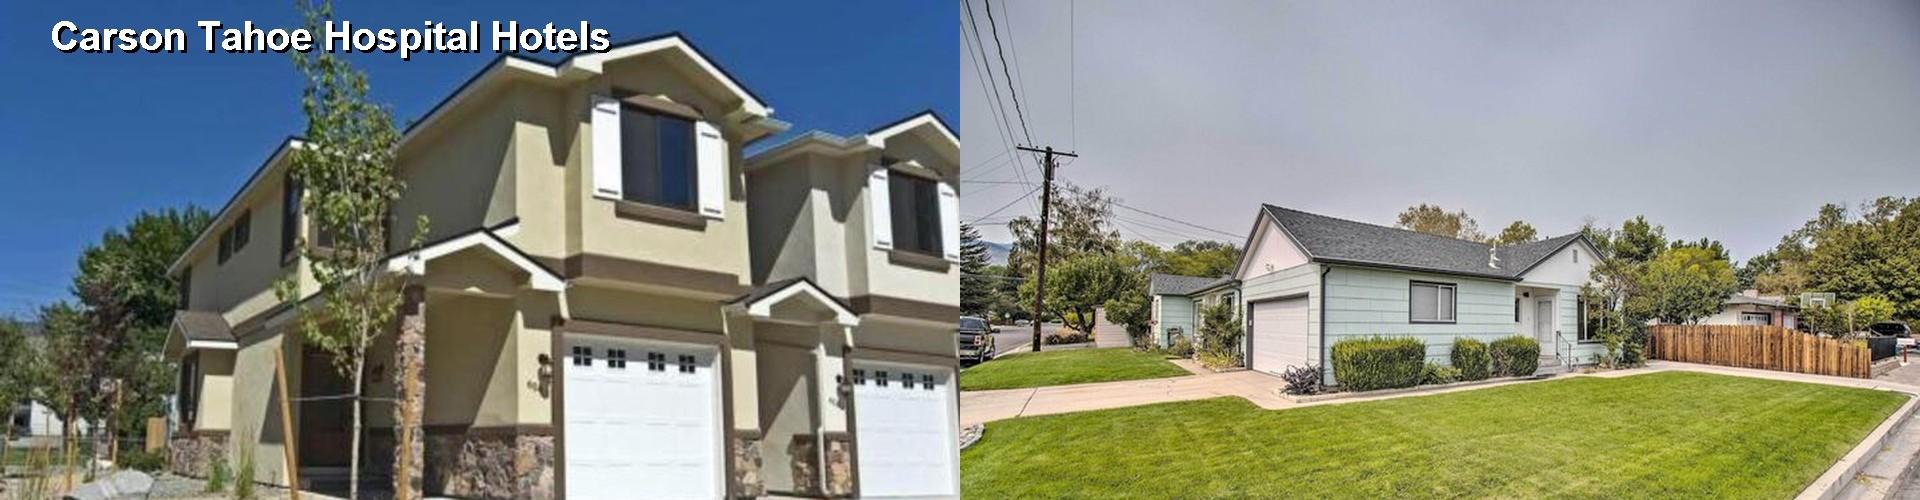 5 Best Hotels Near Carson Tahoe Hospital